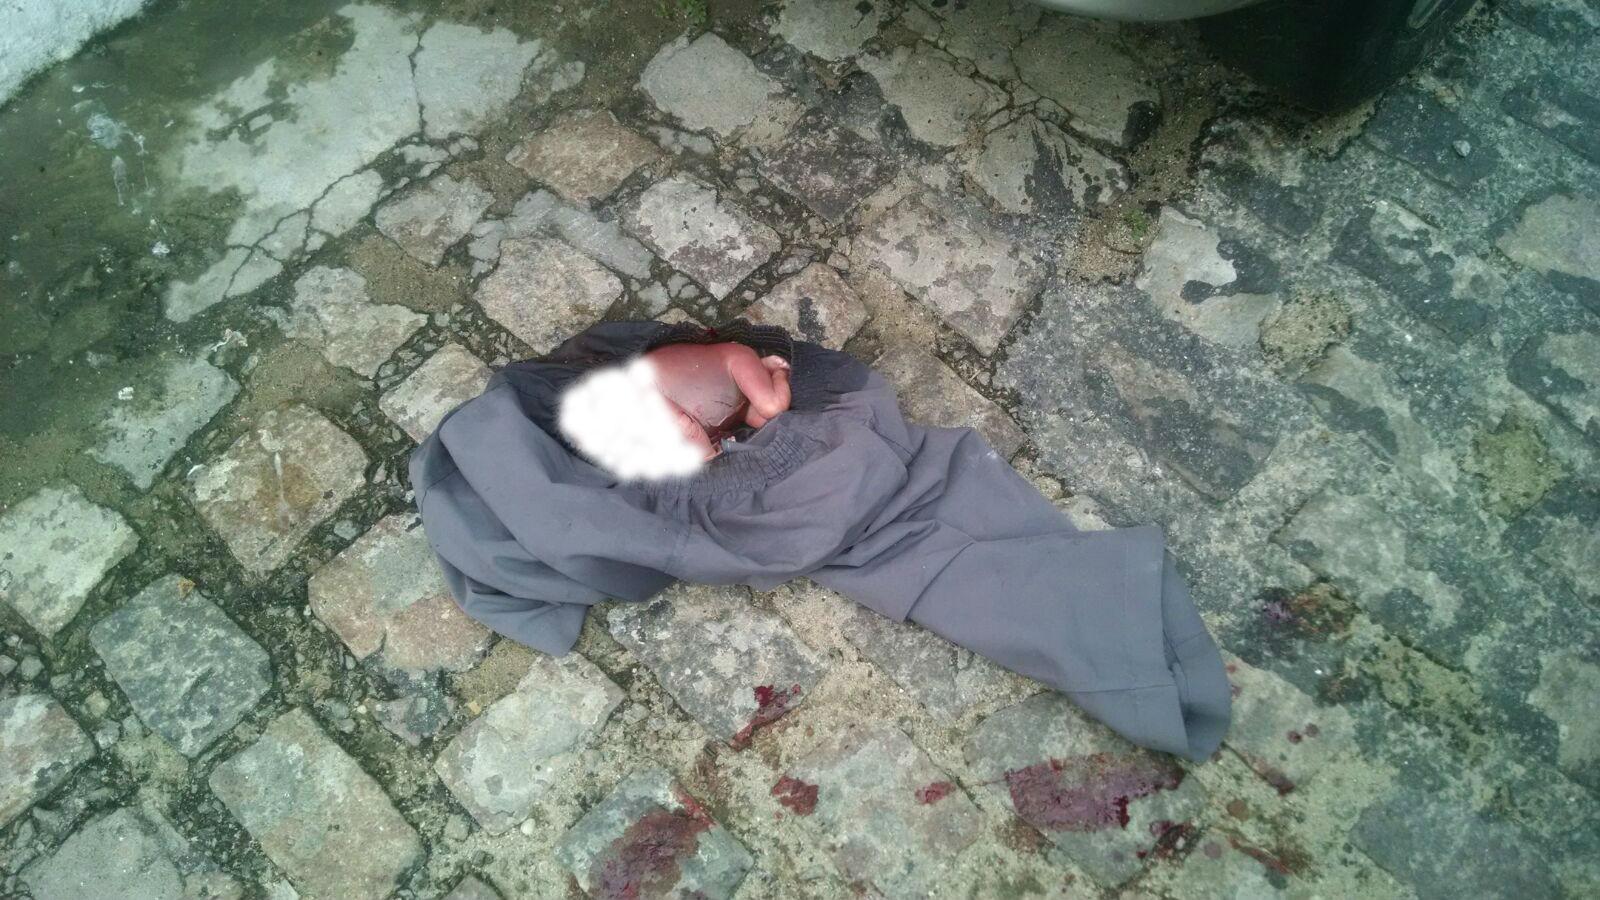 Feto de menina de aproximadamente 7 meses encontrado em areia preta blog do bg - Feto de 4 meses fotos ...